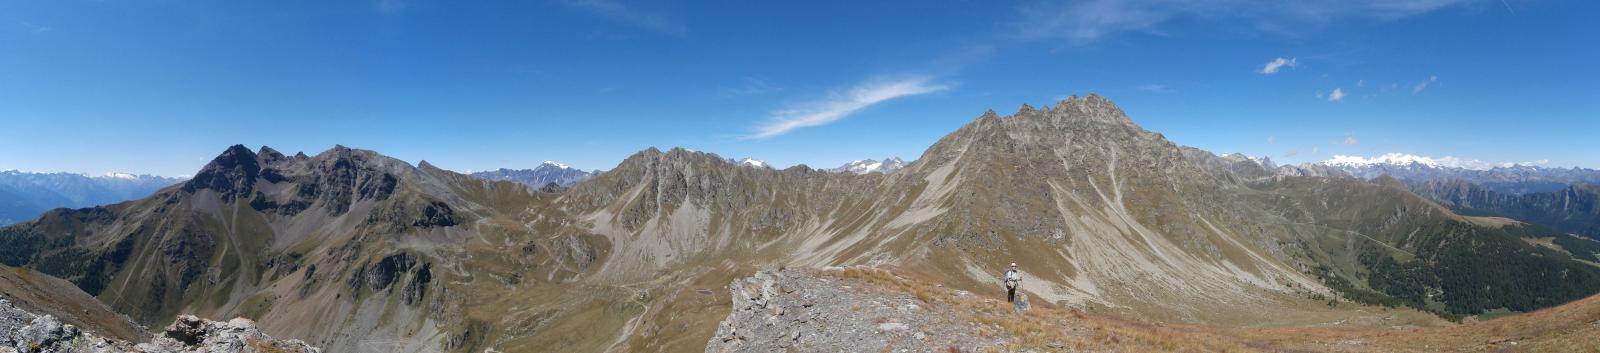 oltre il colle Lechè verso la vetta,panorami estesi ....